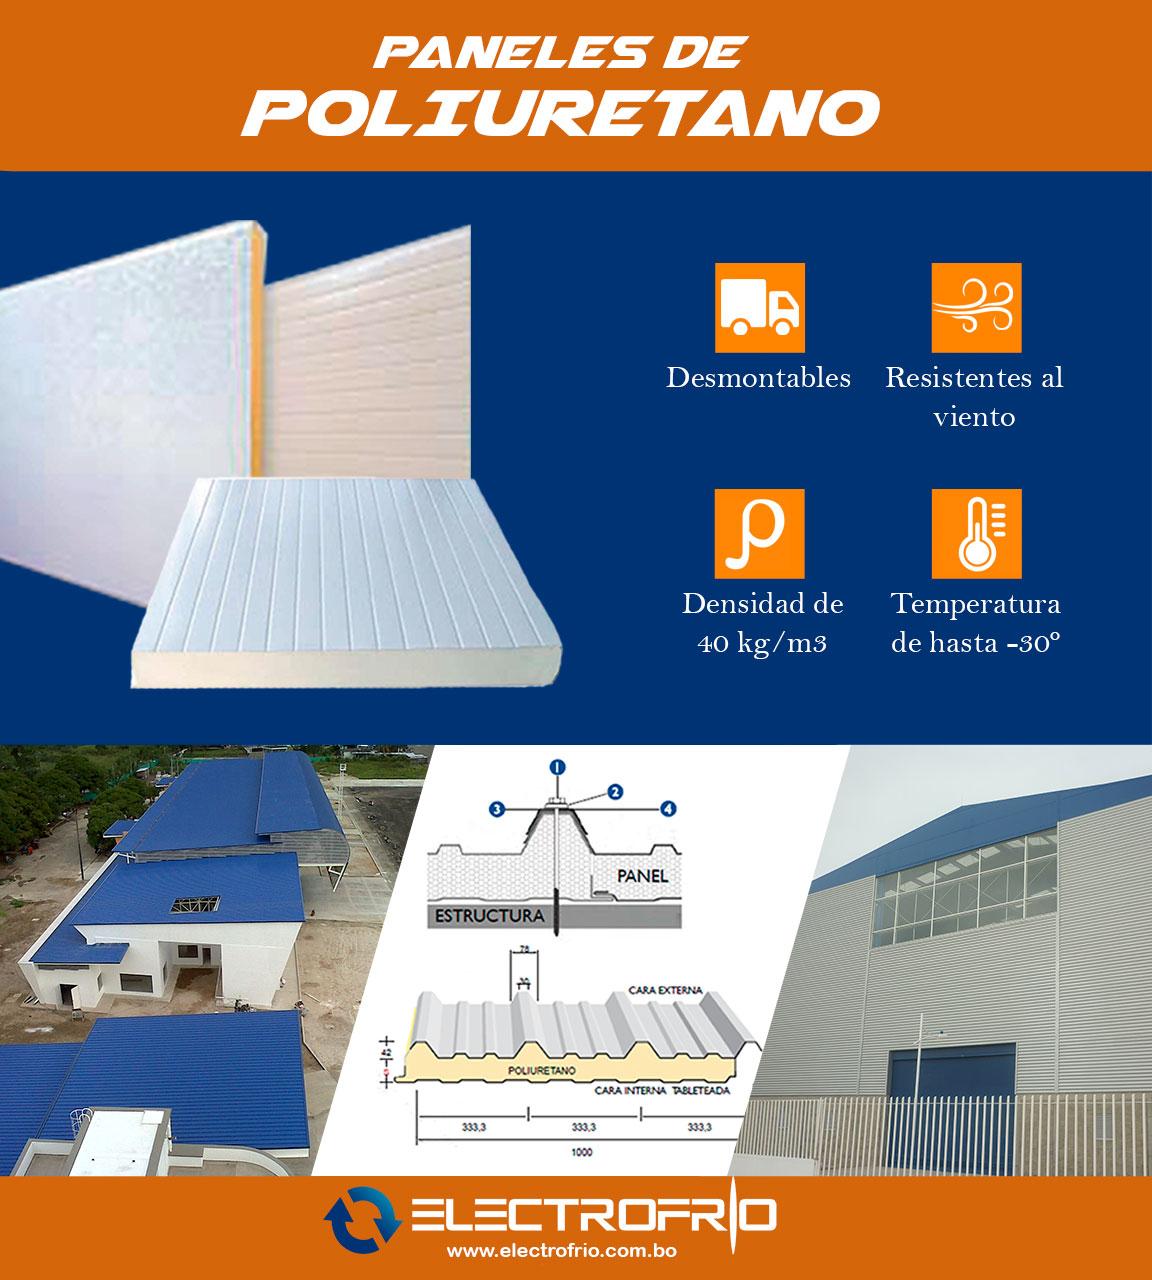 Atenci n constructoras tenemos paneles de poliuretano - Paneles de poliuretano ...